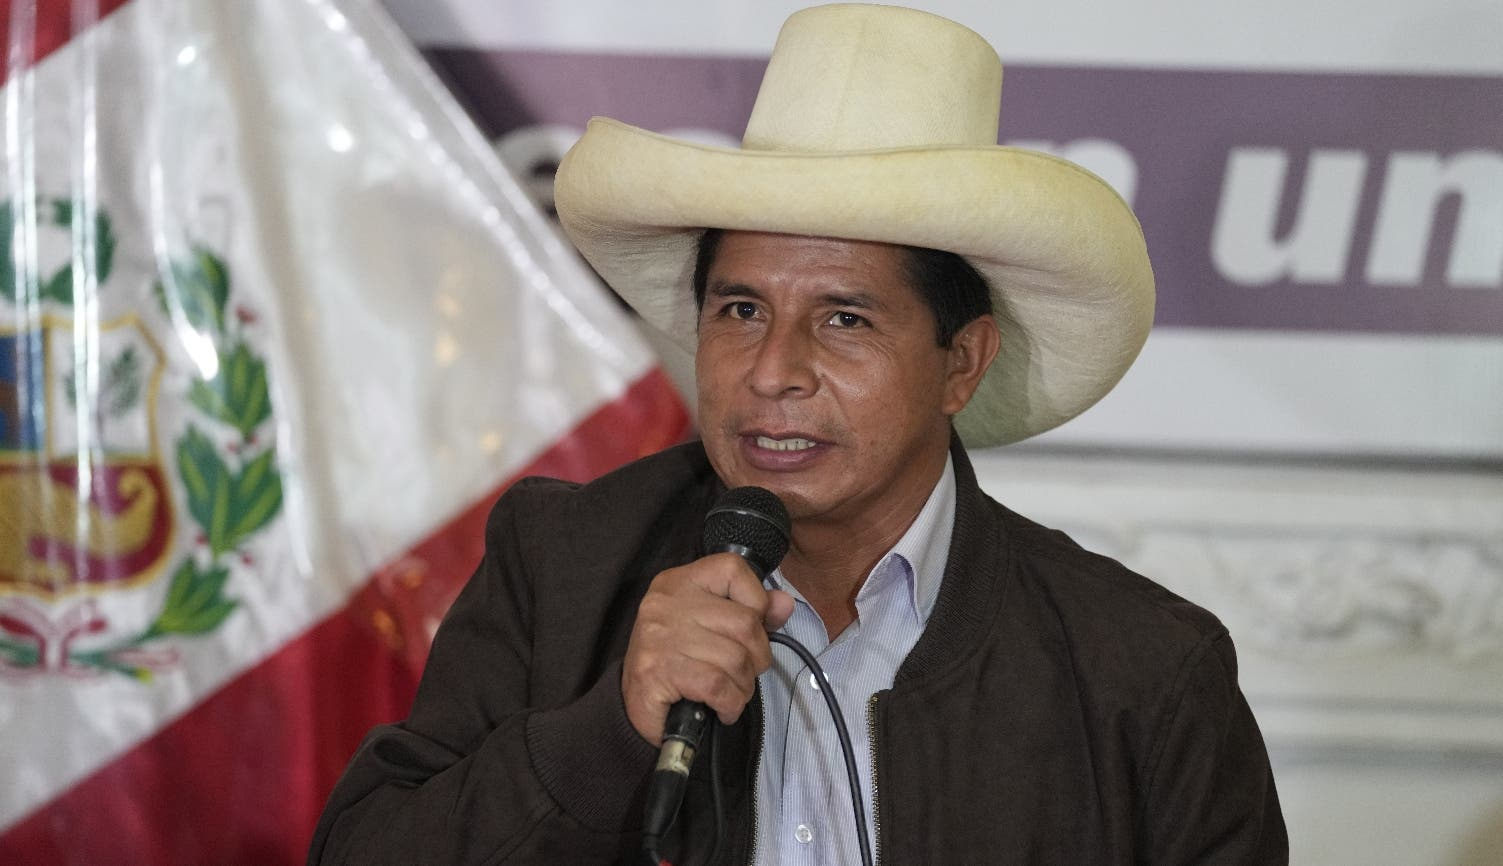 El jurado electoral confirma que esta semana proclamará al presidente de Perú